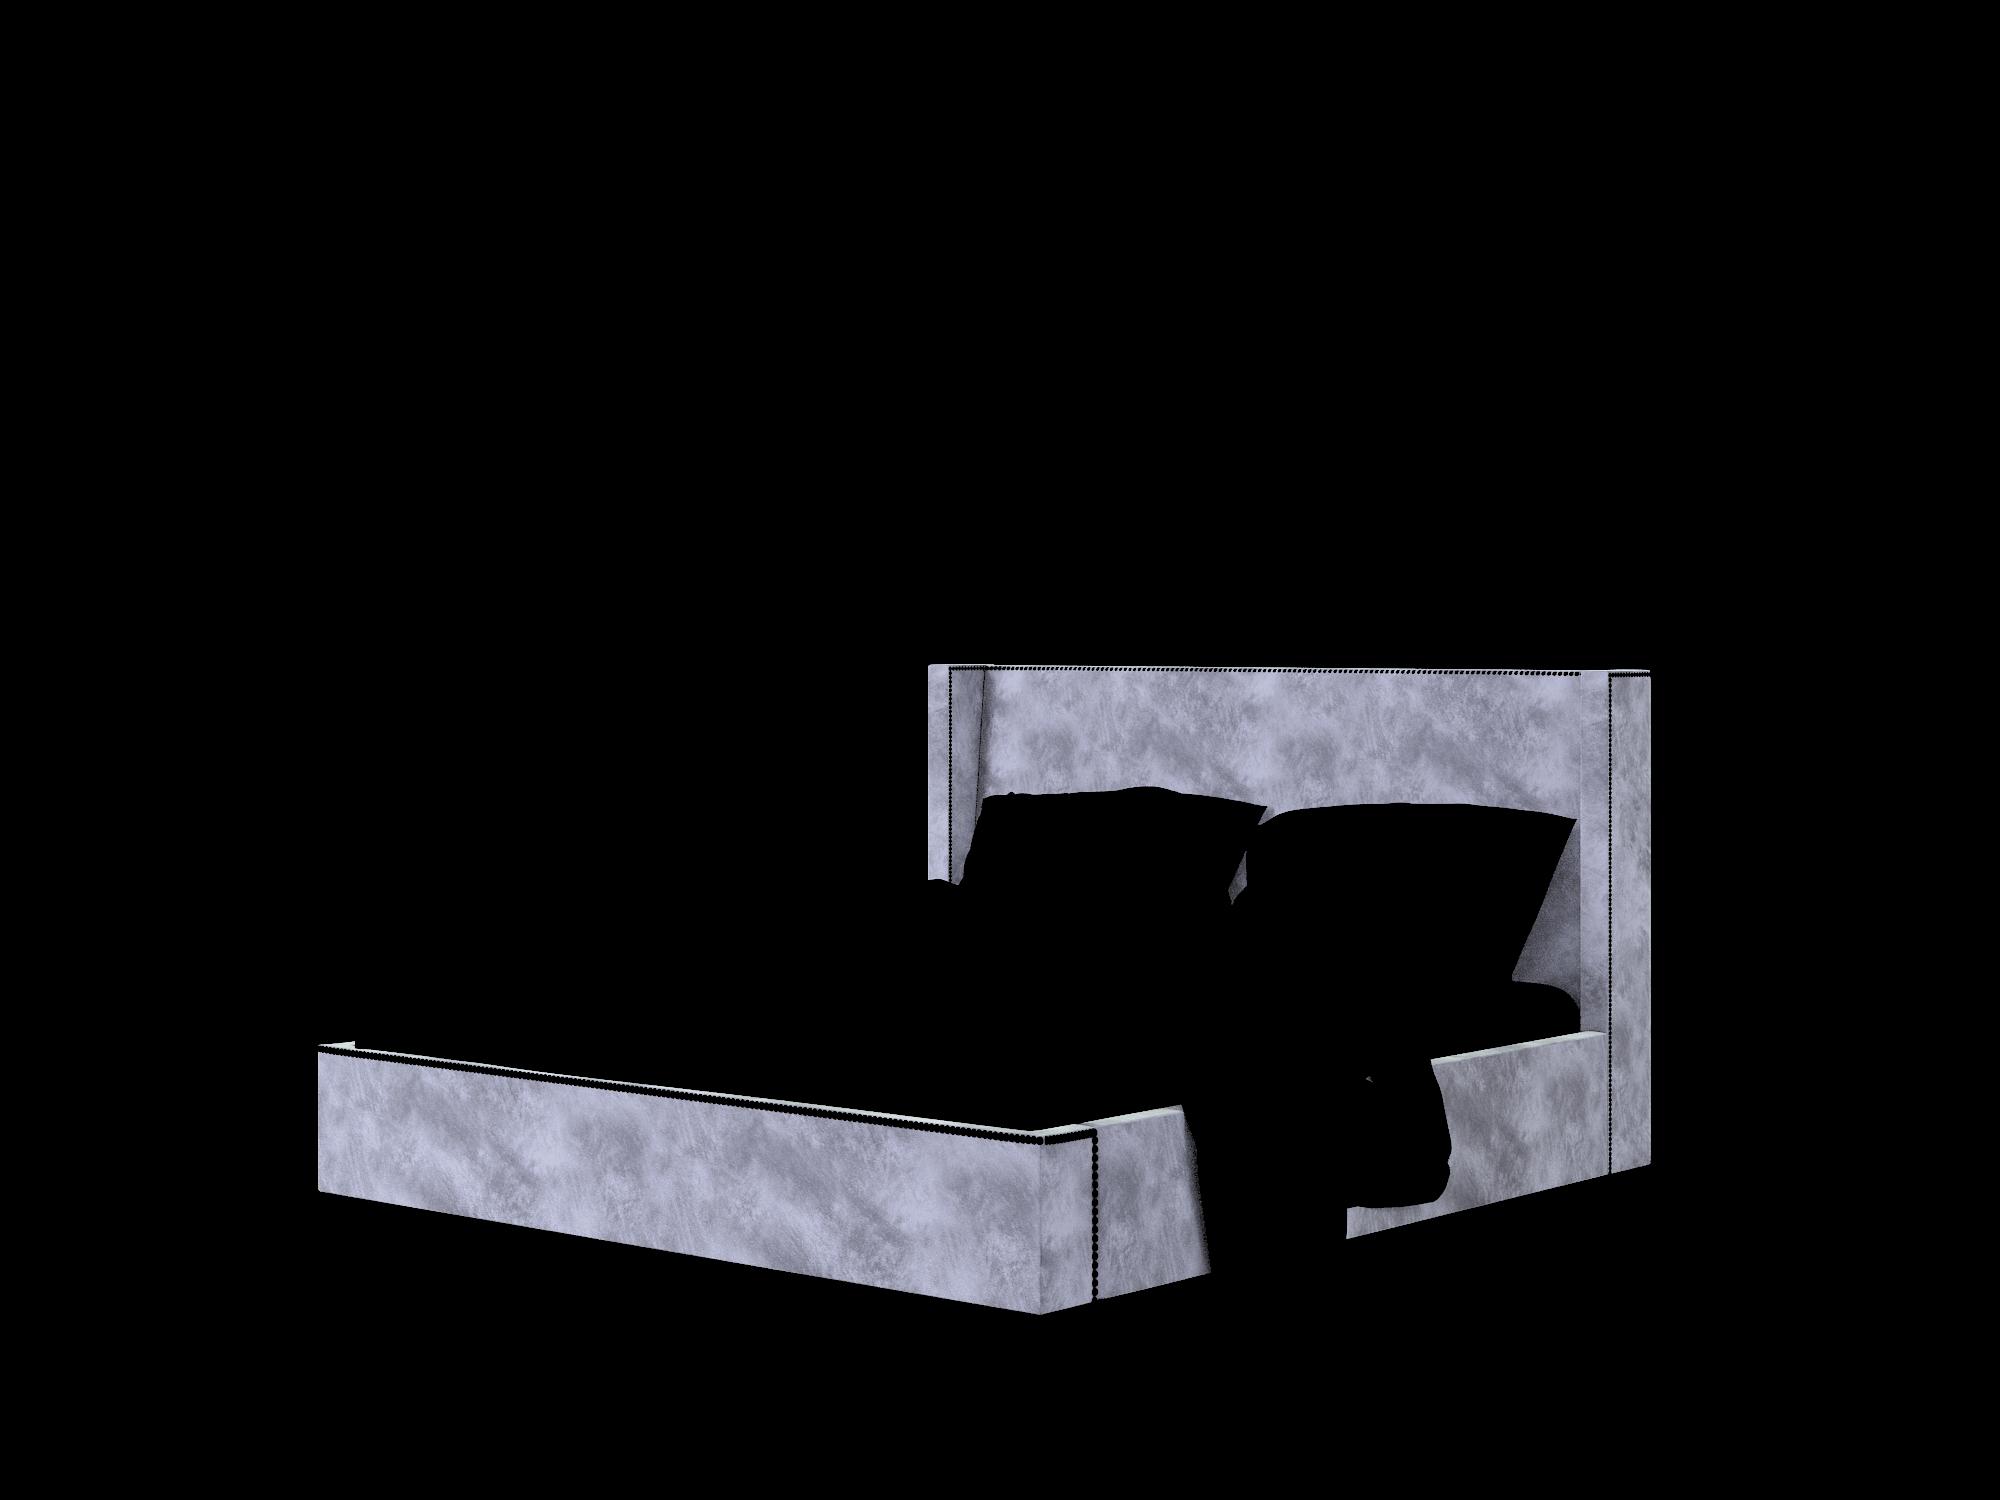 Bria Buzz Coal Bed King Room Texture